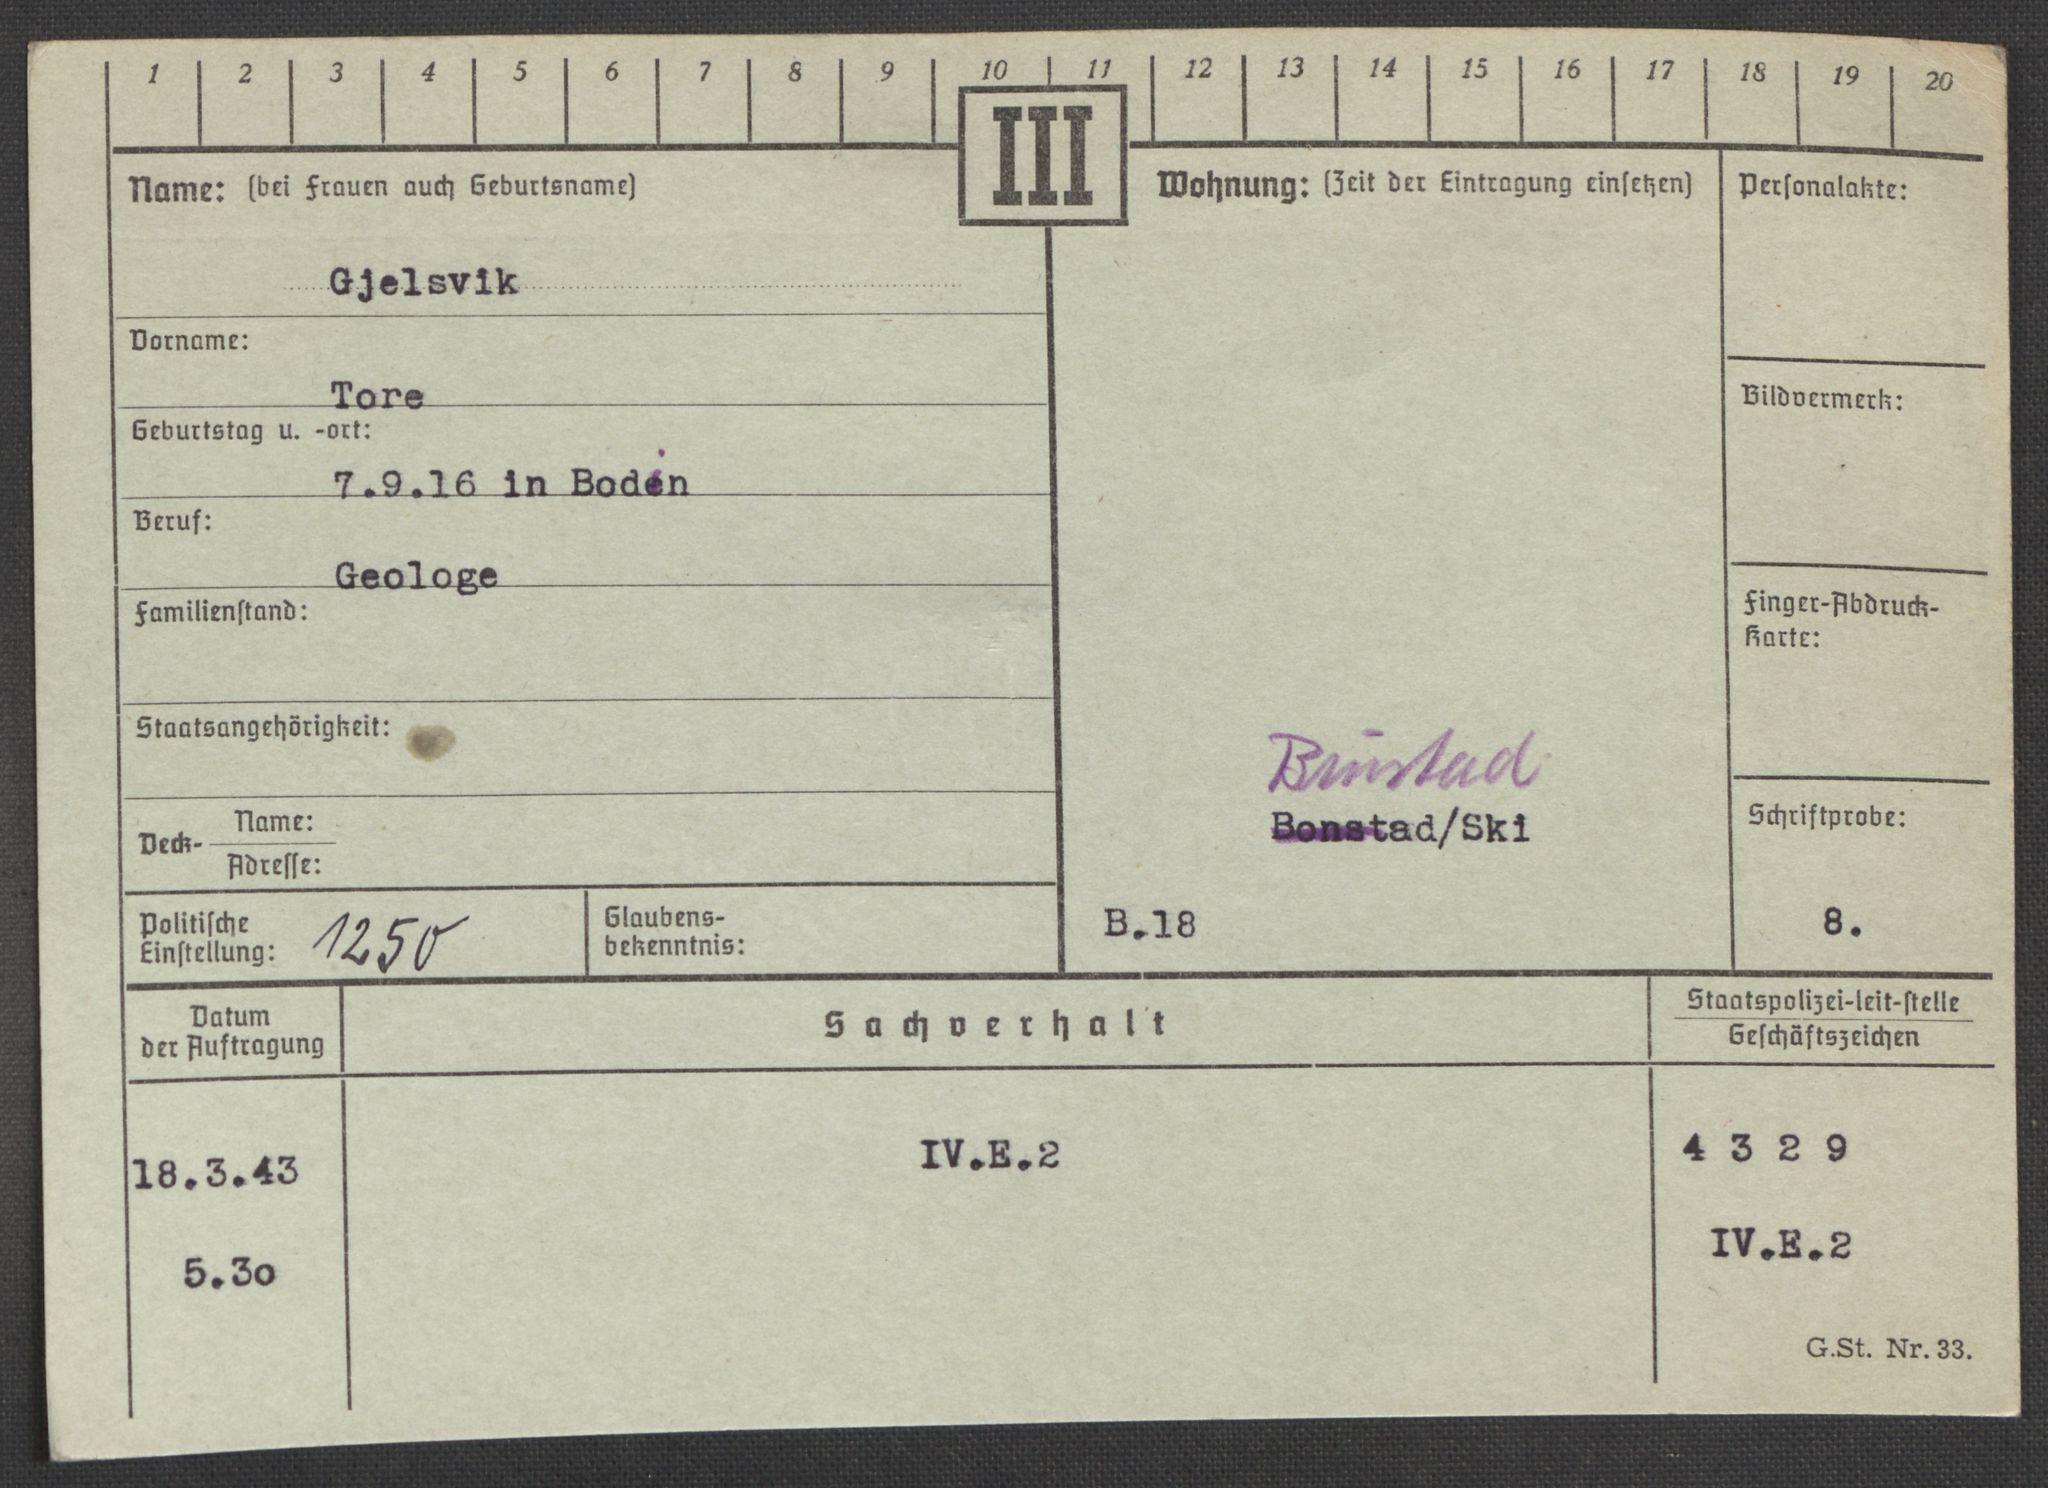 RA, Befehlshaber der Sicherheitspolizei und des SD, E/Ea/Eaa/L0003: Register over norske fanger i Møllergata 19: Eng-Hag, 1940-1945, s. 809